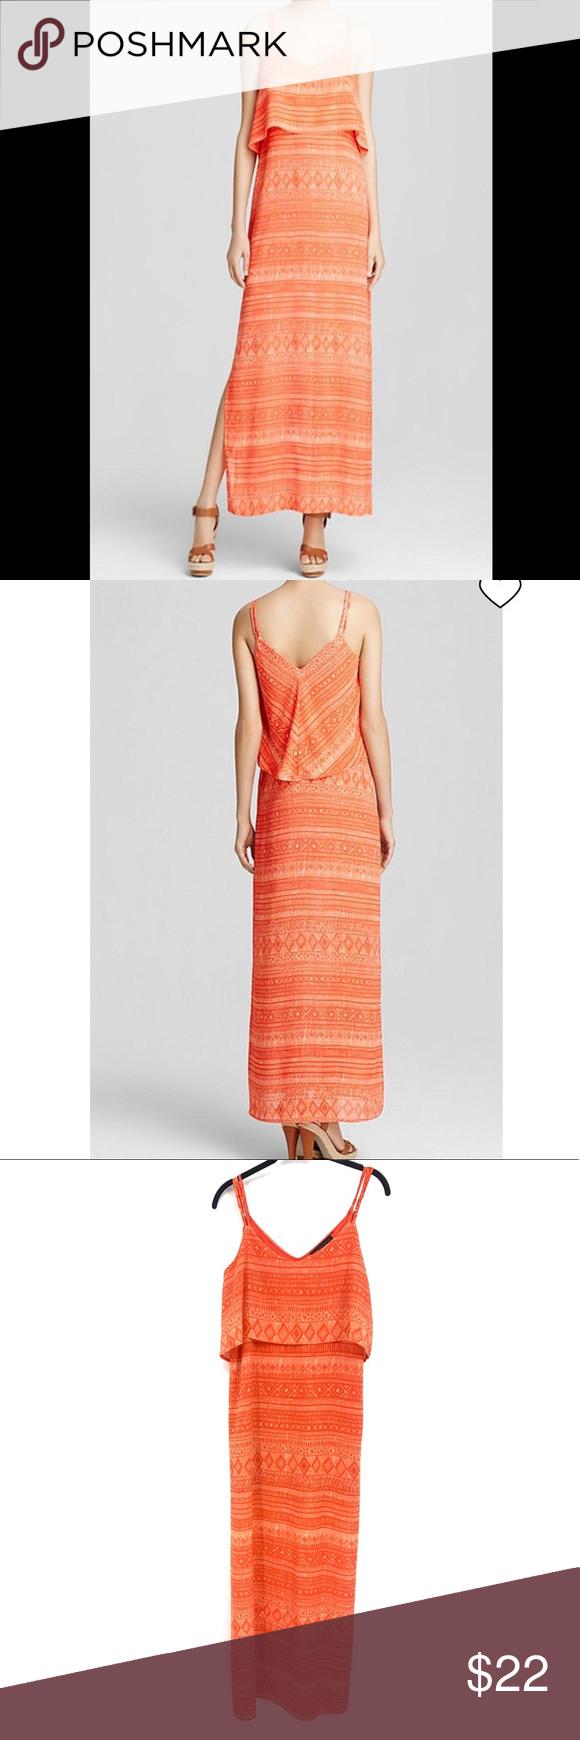 Sanctuary Orange Print Maxi Dress Geometric print maxi dress featuring a tiered ... 3